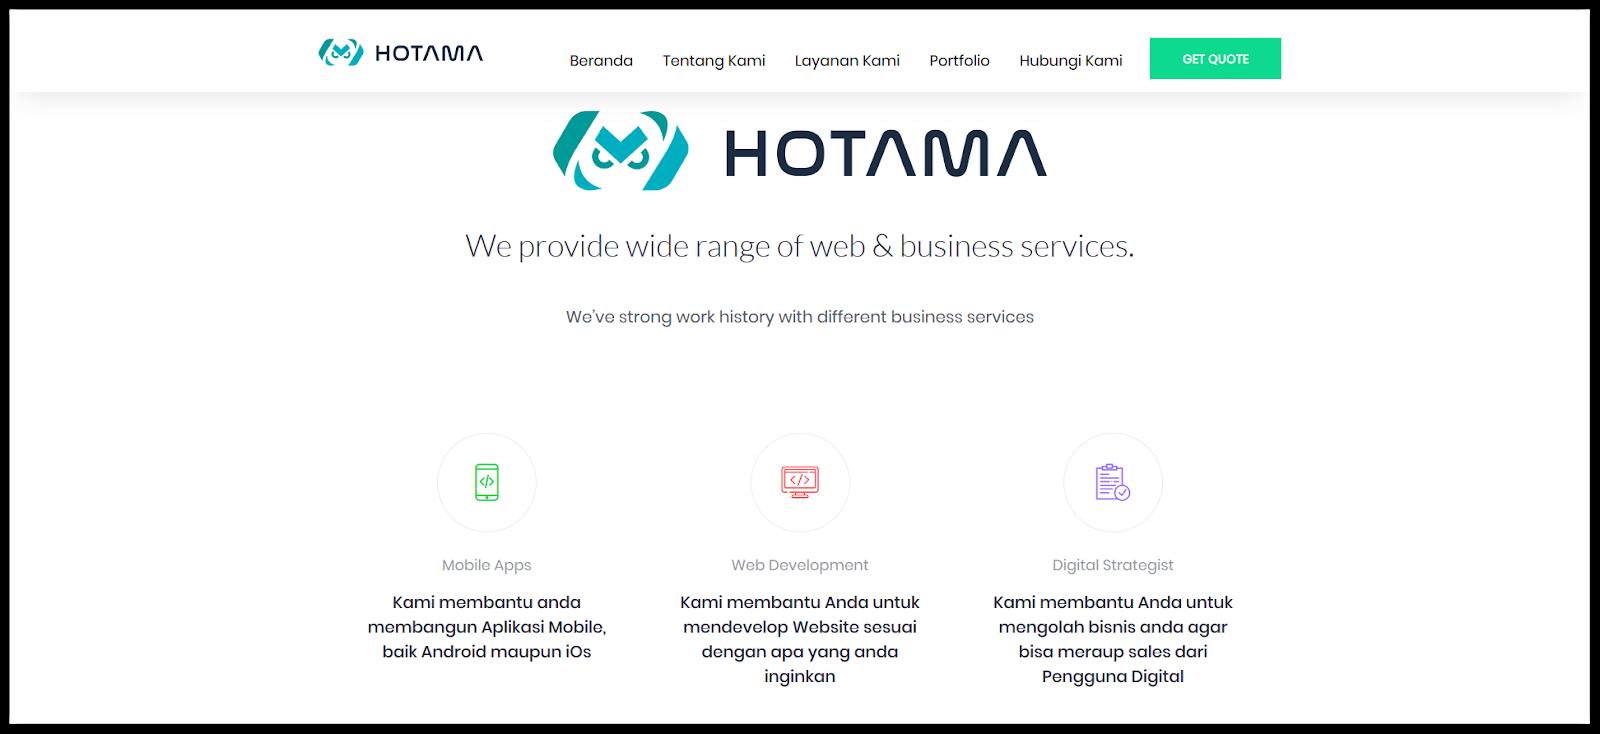 Halaman depan website Hotama, pelaku bisnis reseller hosting